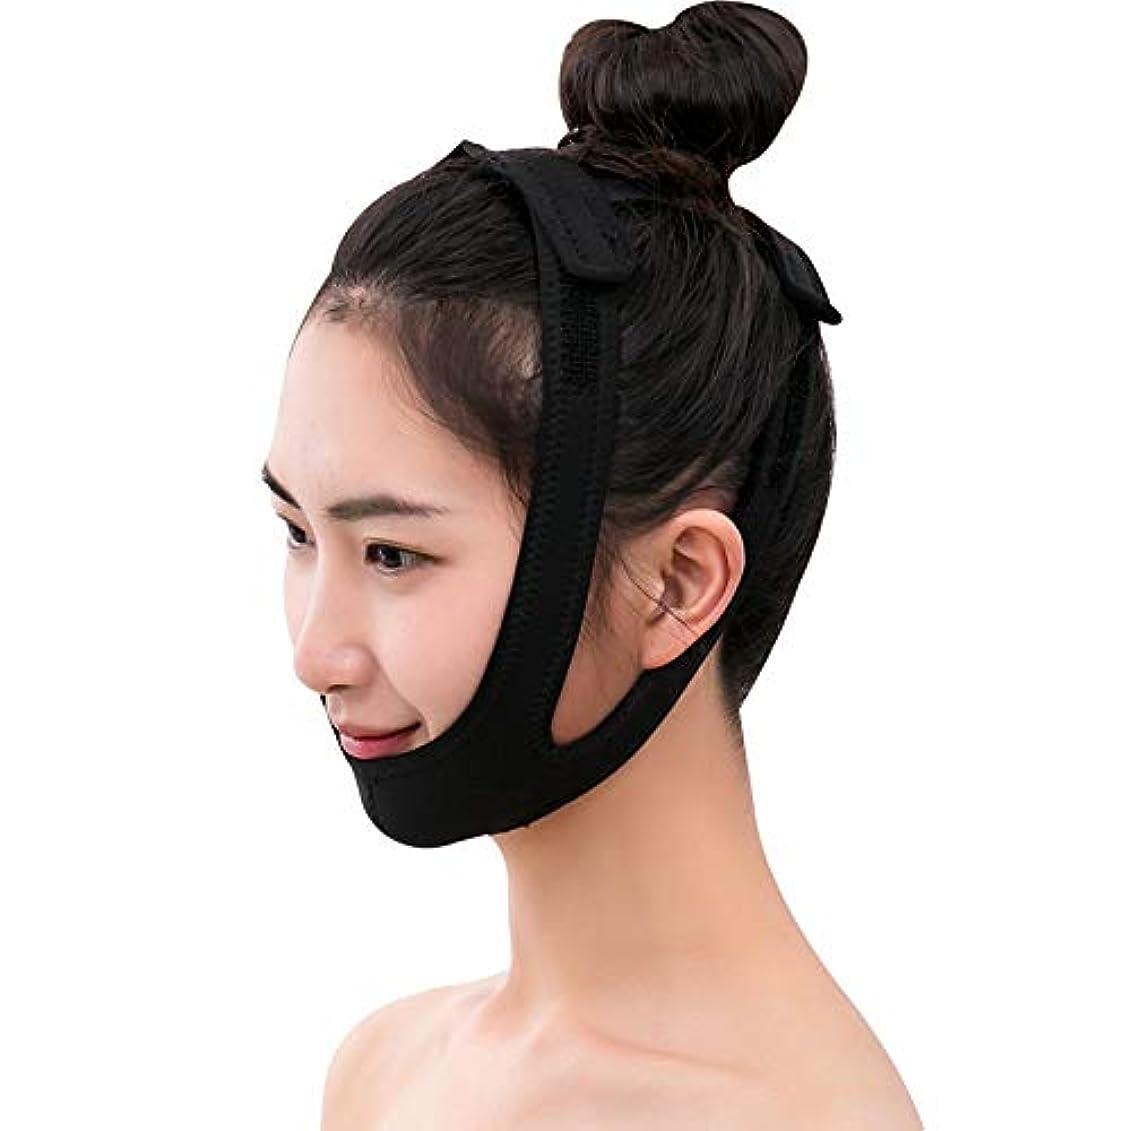 いわゆるボア収まるXINGZHE フェイシャルリフティング痩身ベルト圧縮二重あご減量ベルトスキンケア薄い顔包帯二重あごワークアウト フェイスリフティングベルト